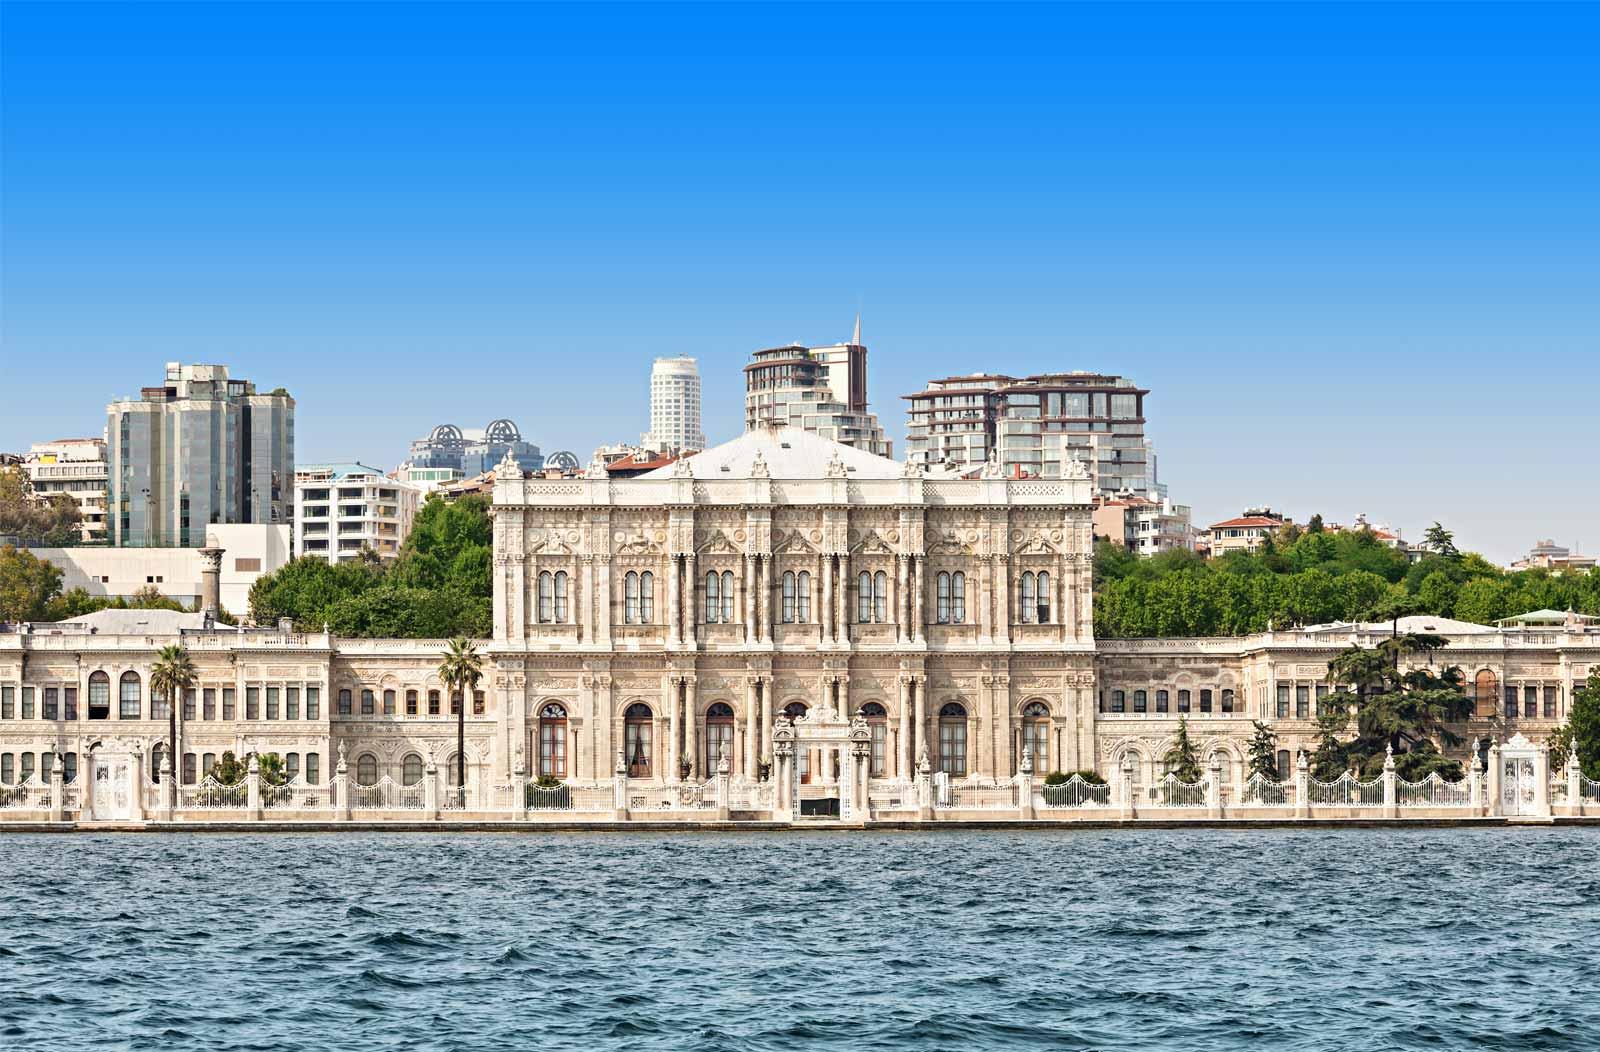 Boğazda Görkemli Yapı: Dolmabahçe Sarayı ve Hikayesi